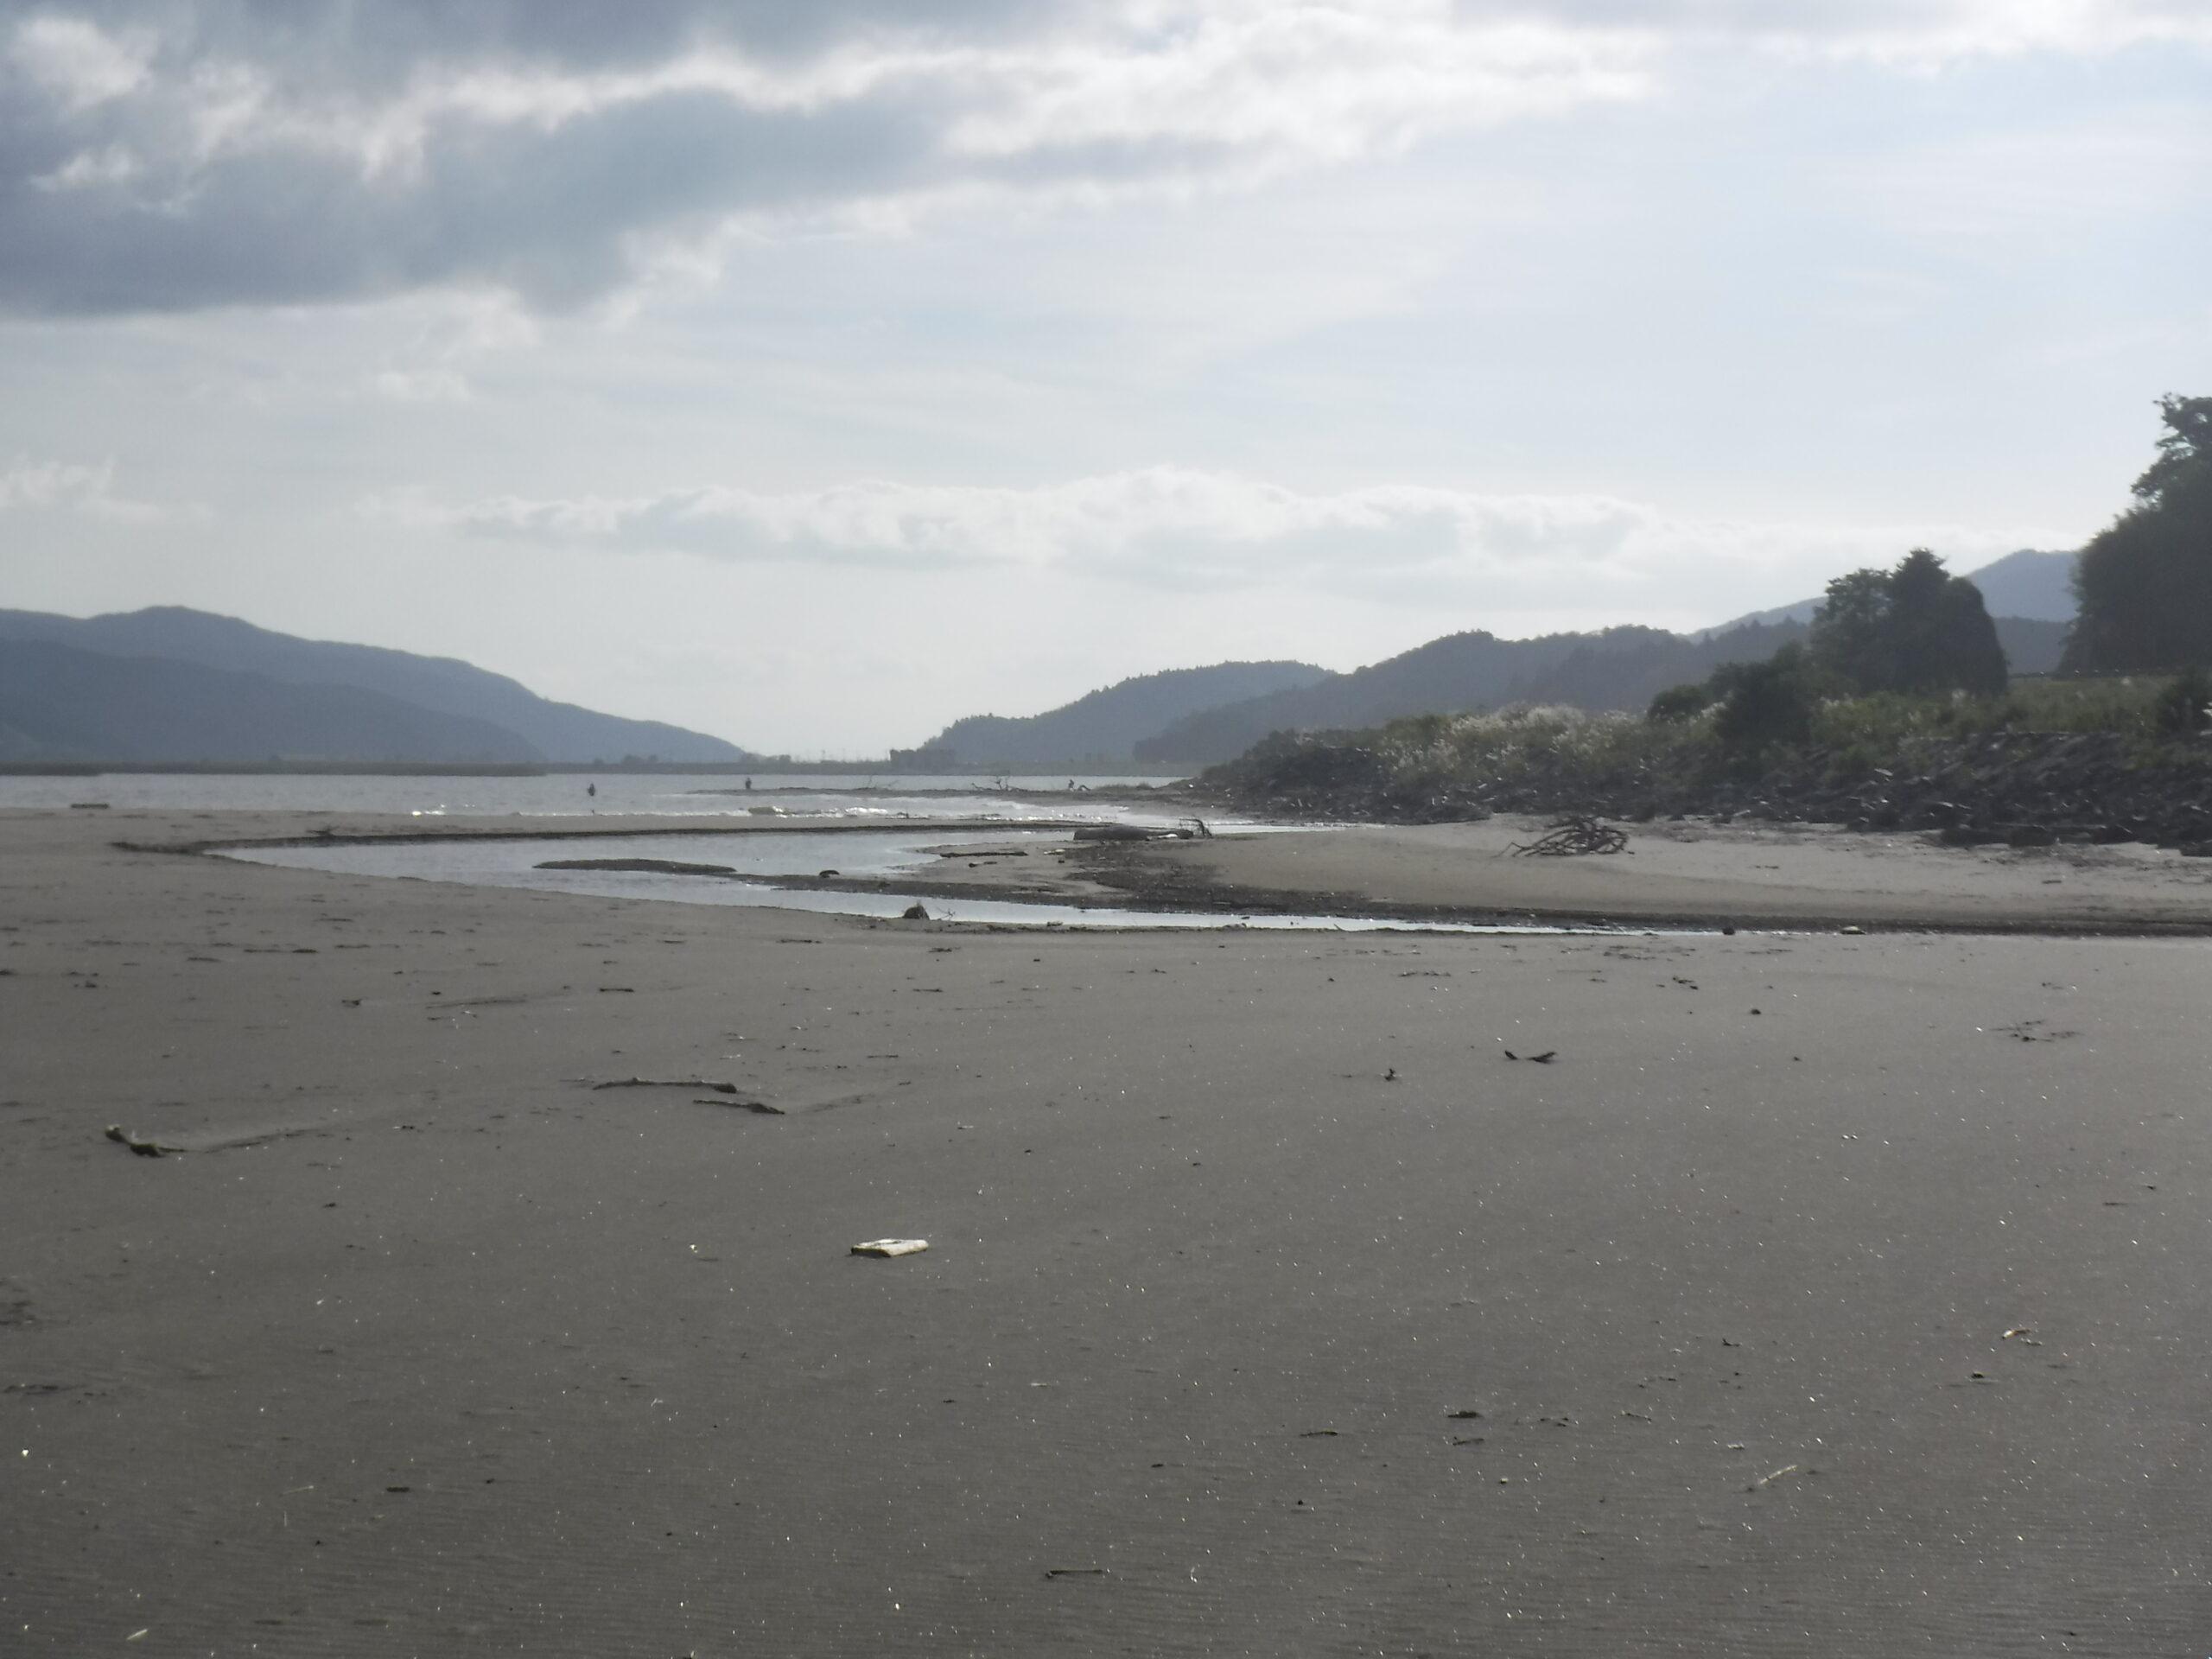 追波川河口左側  月浜  コチ・ヒラメ釣り